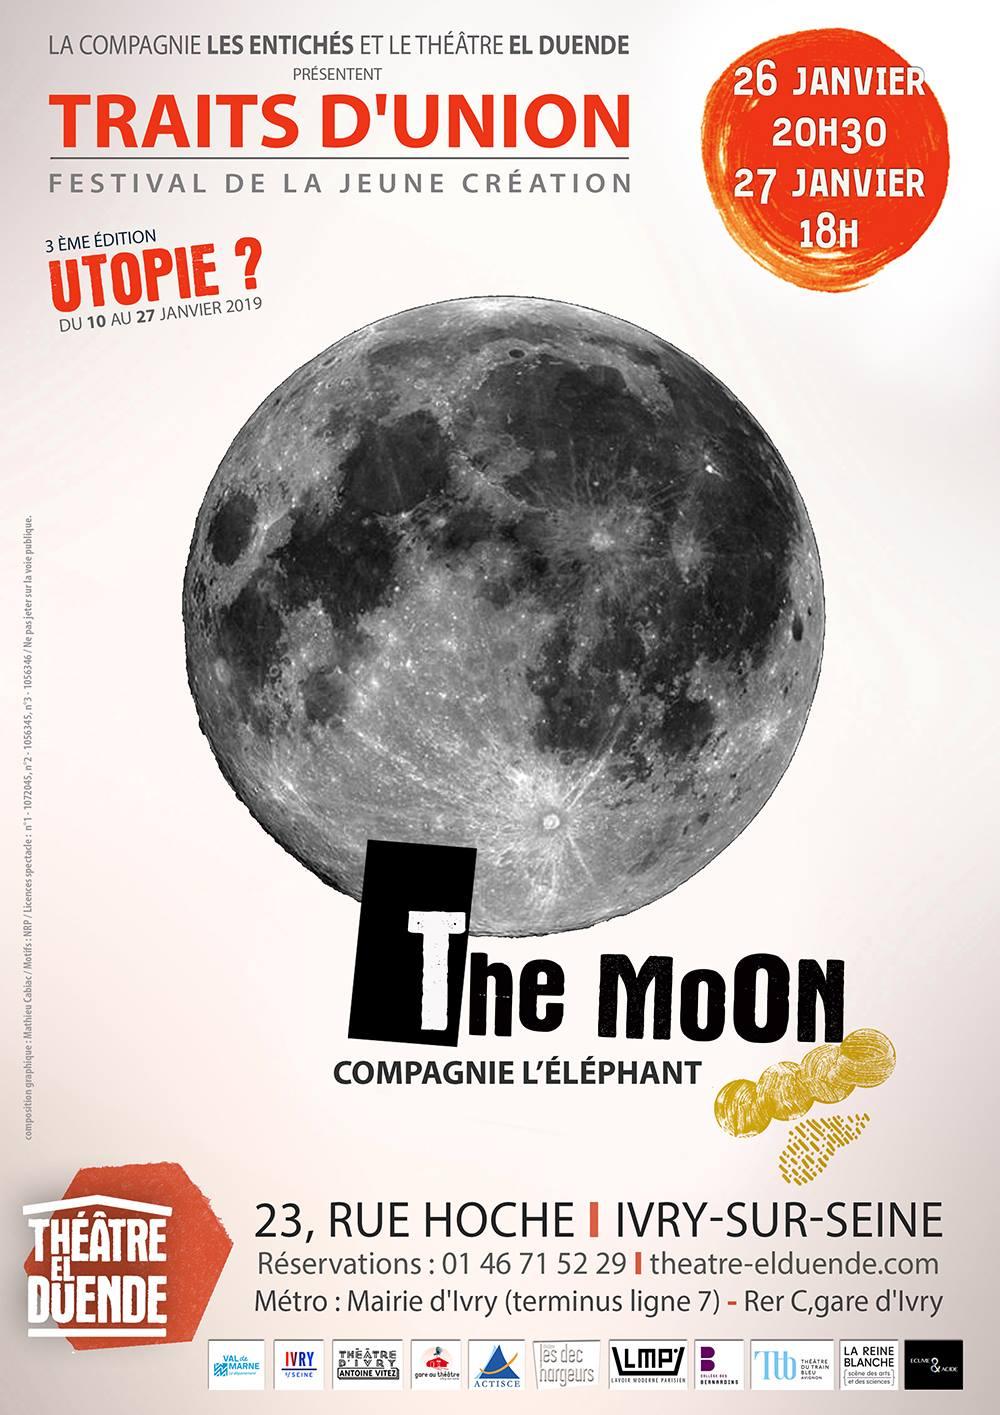 Traits d'union 2019 affiche The Moon de la Compagnie l'éléphant pièce de théâtre